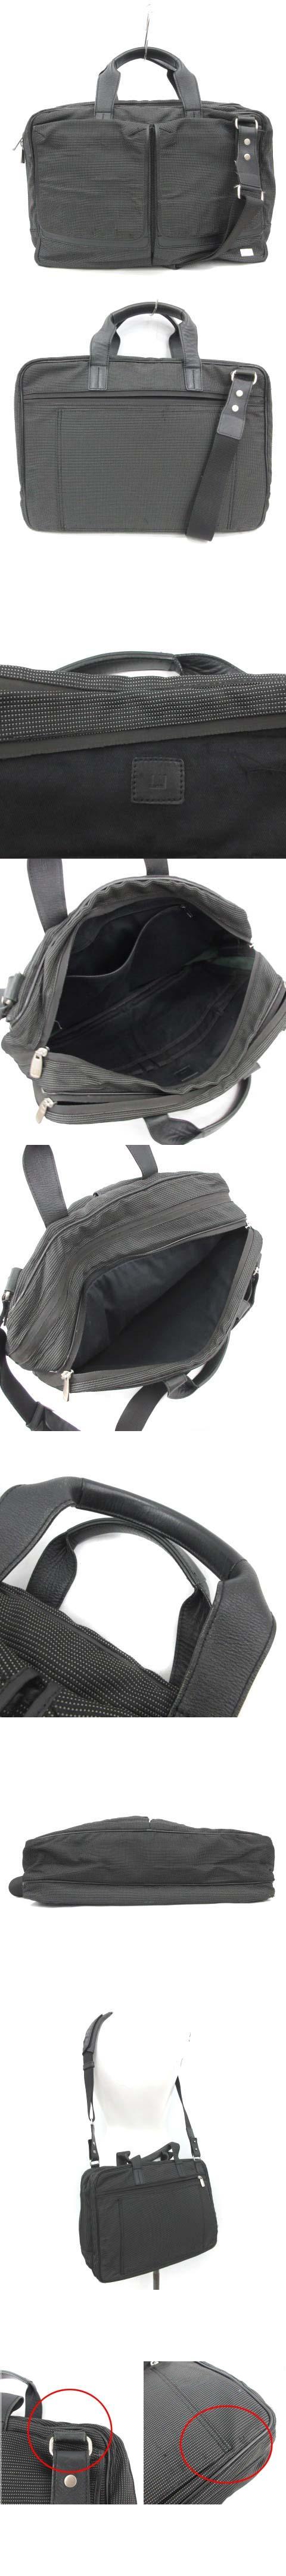 ビジネスバッグ ブリーフケース ハンドバッグ ショルダーバッグ 2way A4サイズ 黒 ブラック グレー /PJ